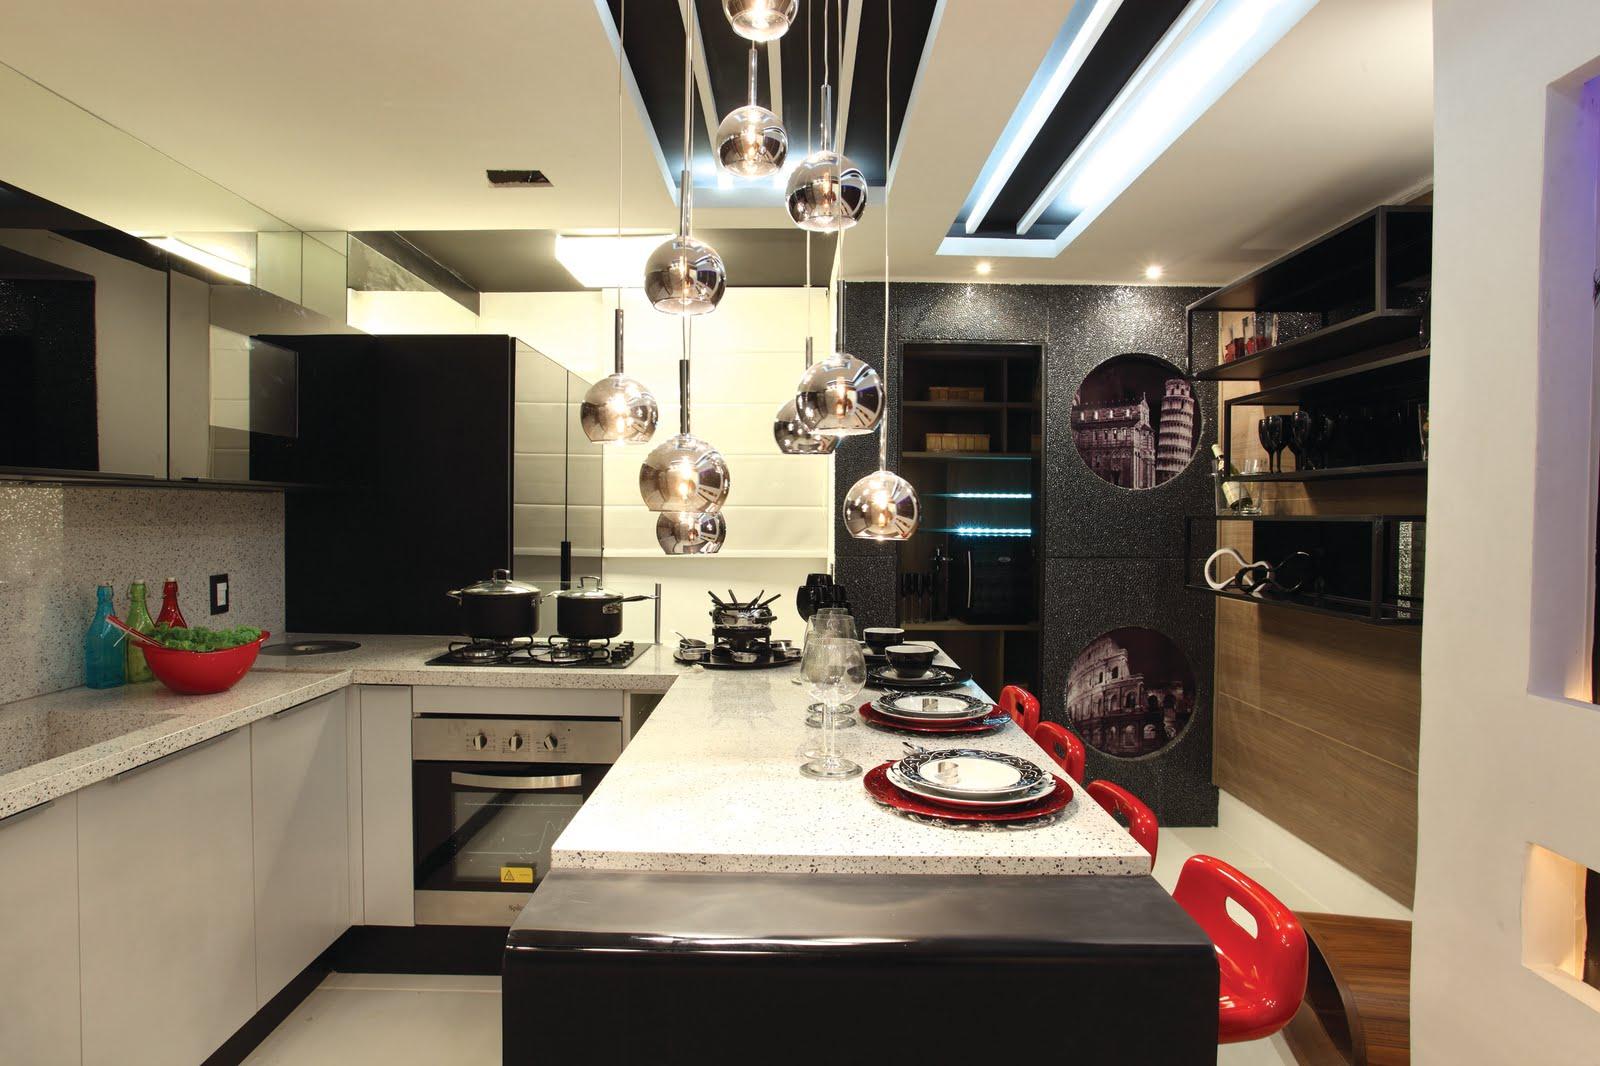 #A82323  pelos visitantes o melhor projeto da mostra ~ Mostra Casa Design 1600x1066 px Cozinha Design Casa_60 Imagens